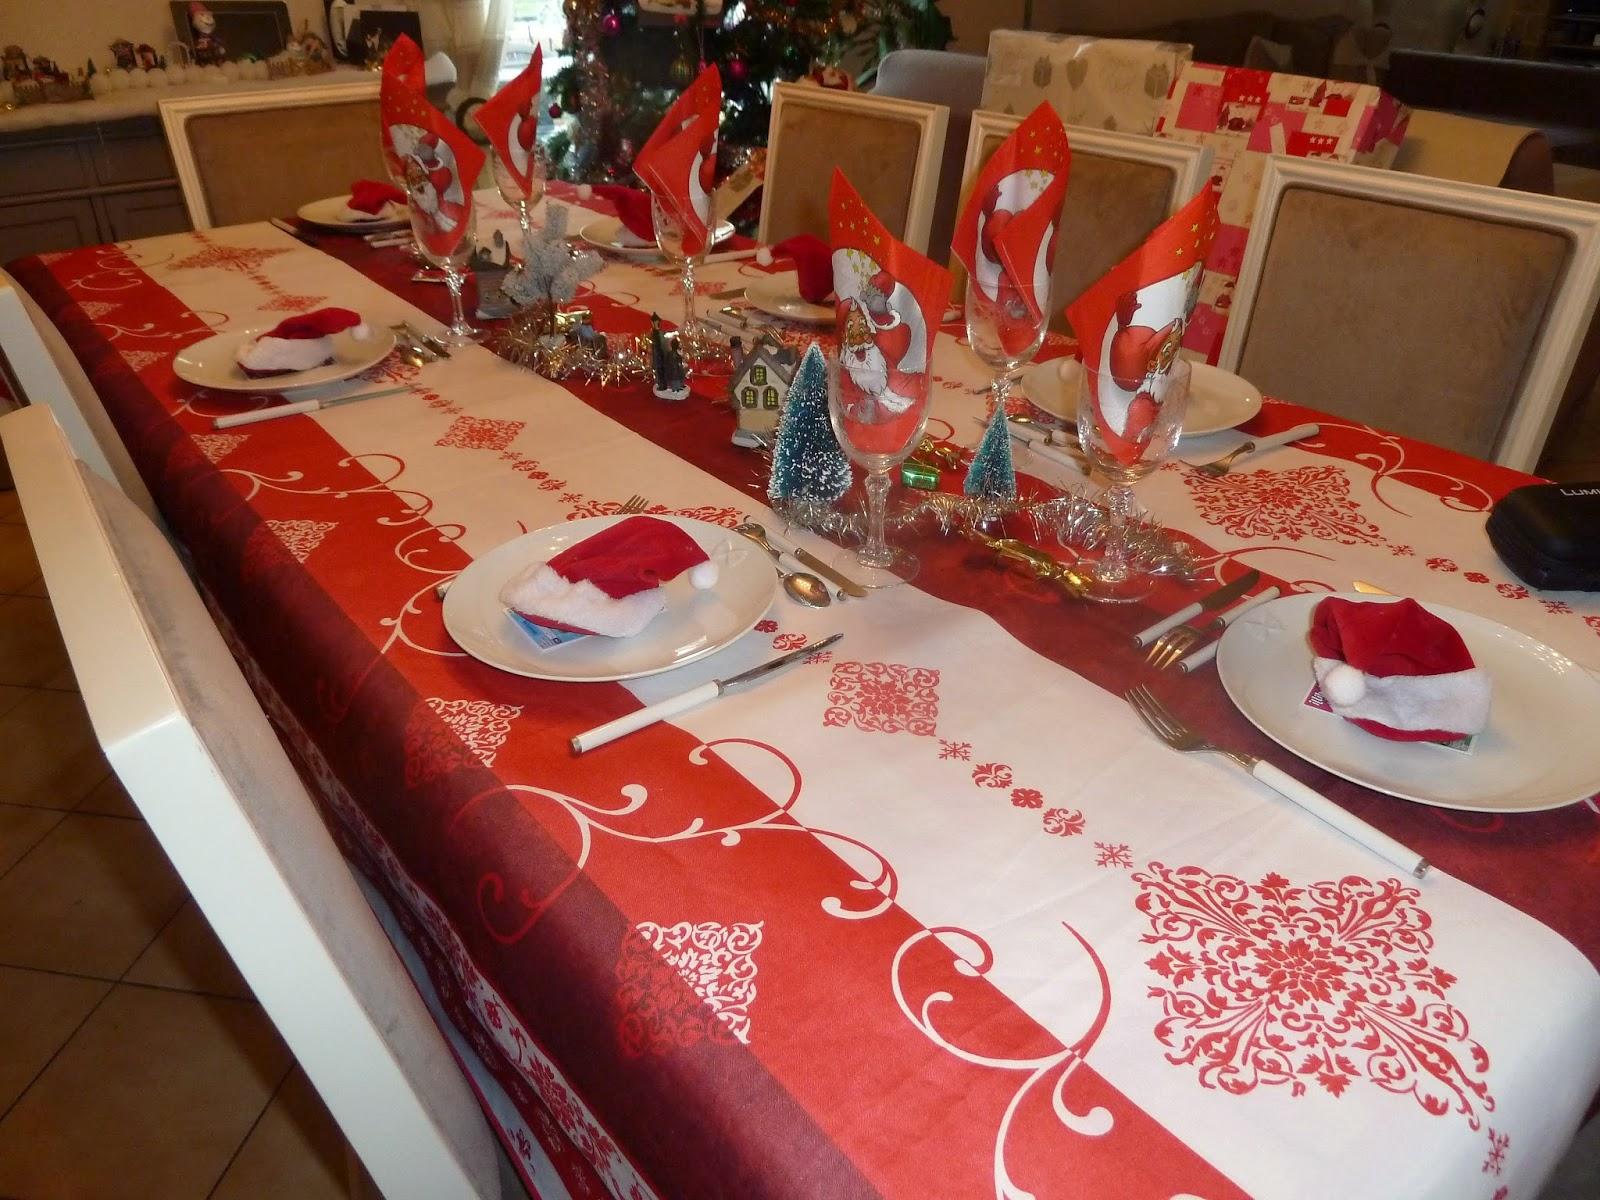 #A33128 LES CREAKIDS DE TATIE: Décoration Table De Noël 6155 decoration de table de noel 2014 1600x1200 px @ aertt.com